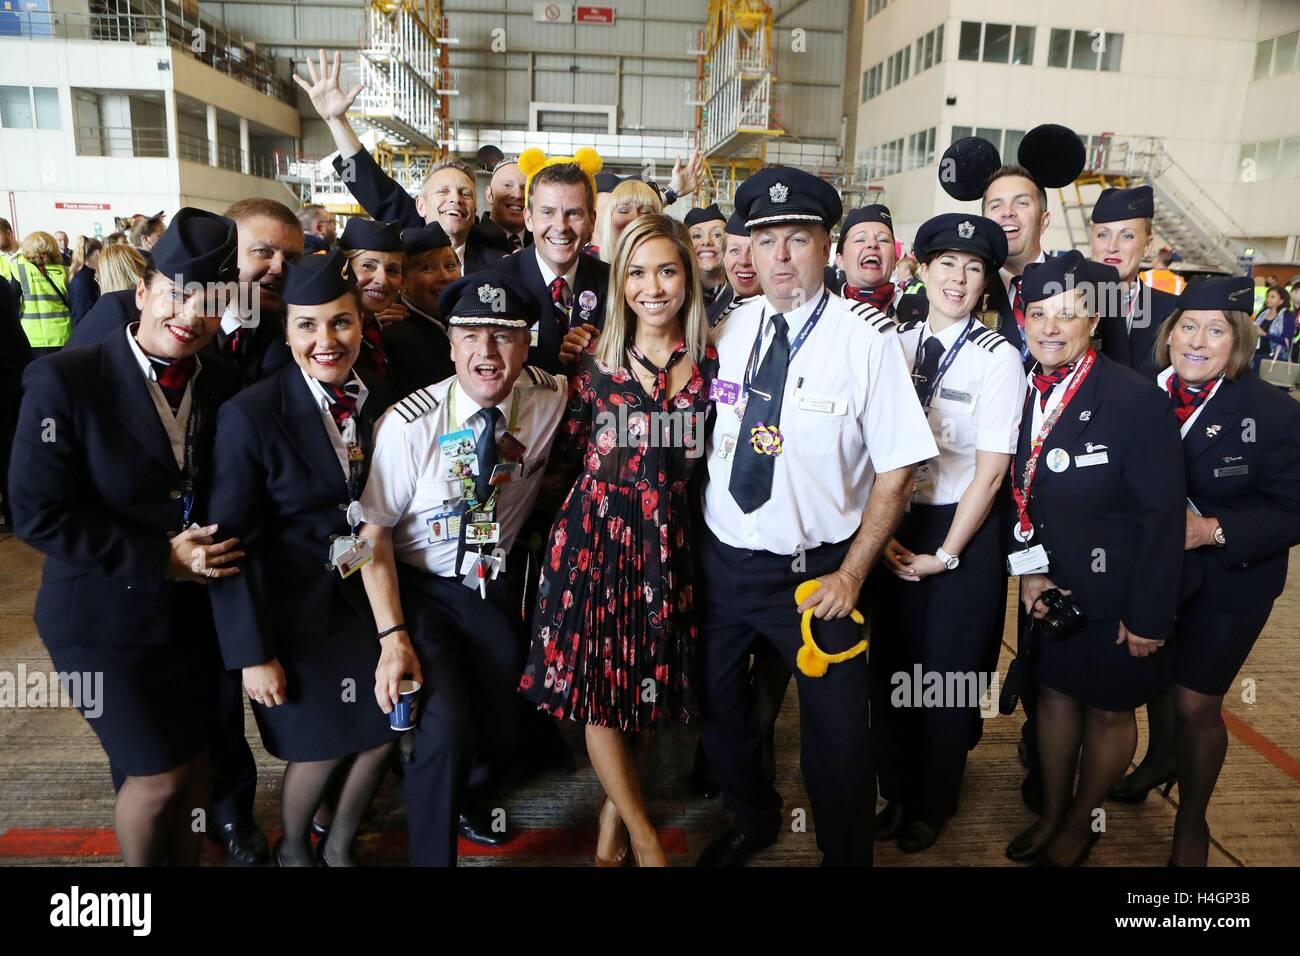 Myleene Klass (centre) with the British Airways pilots and